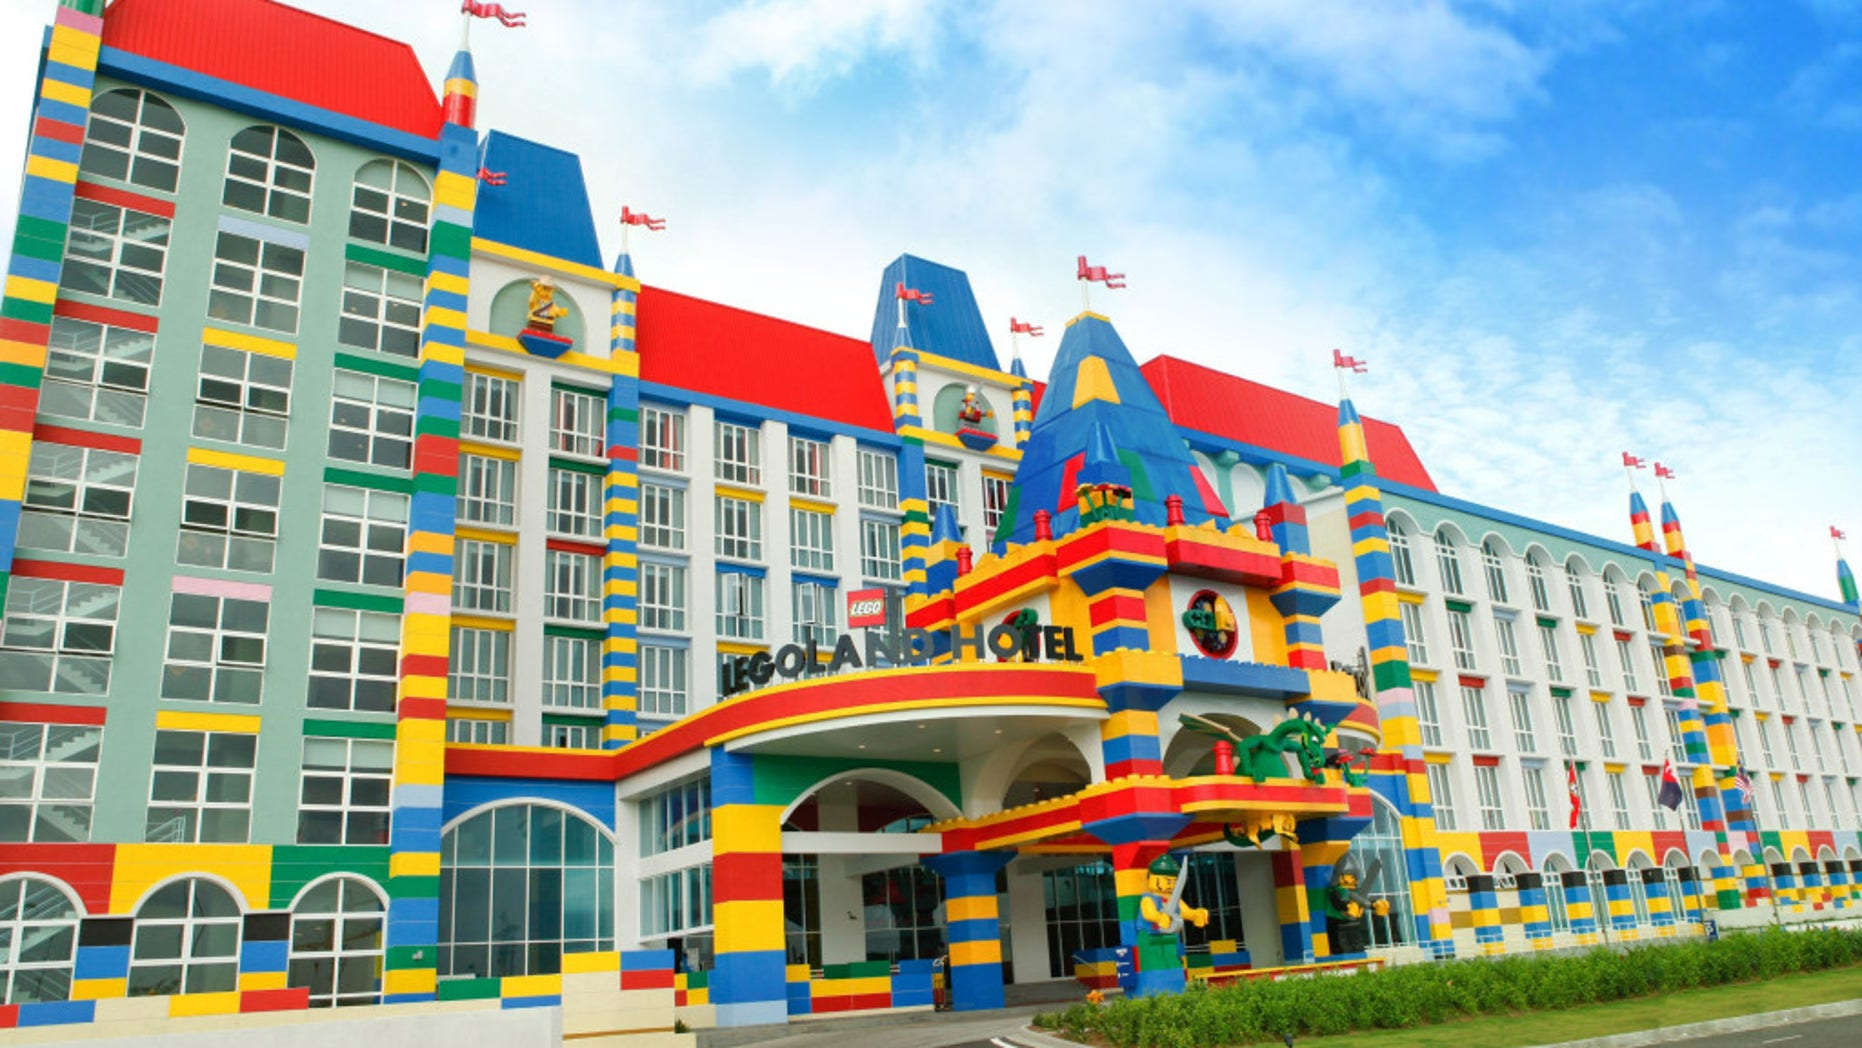 The hotel at Legoland Malaysia.